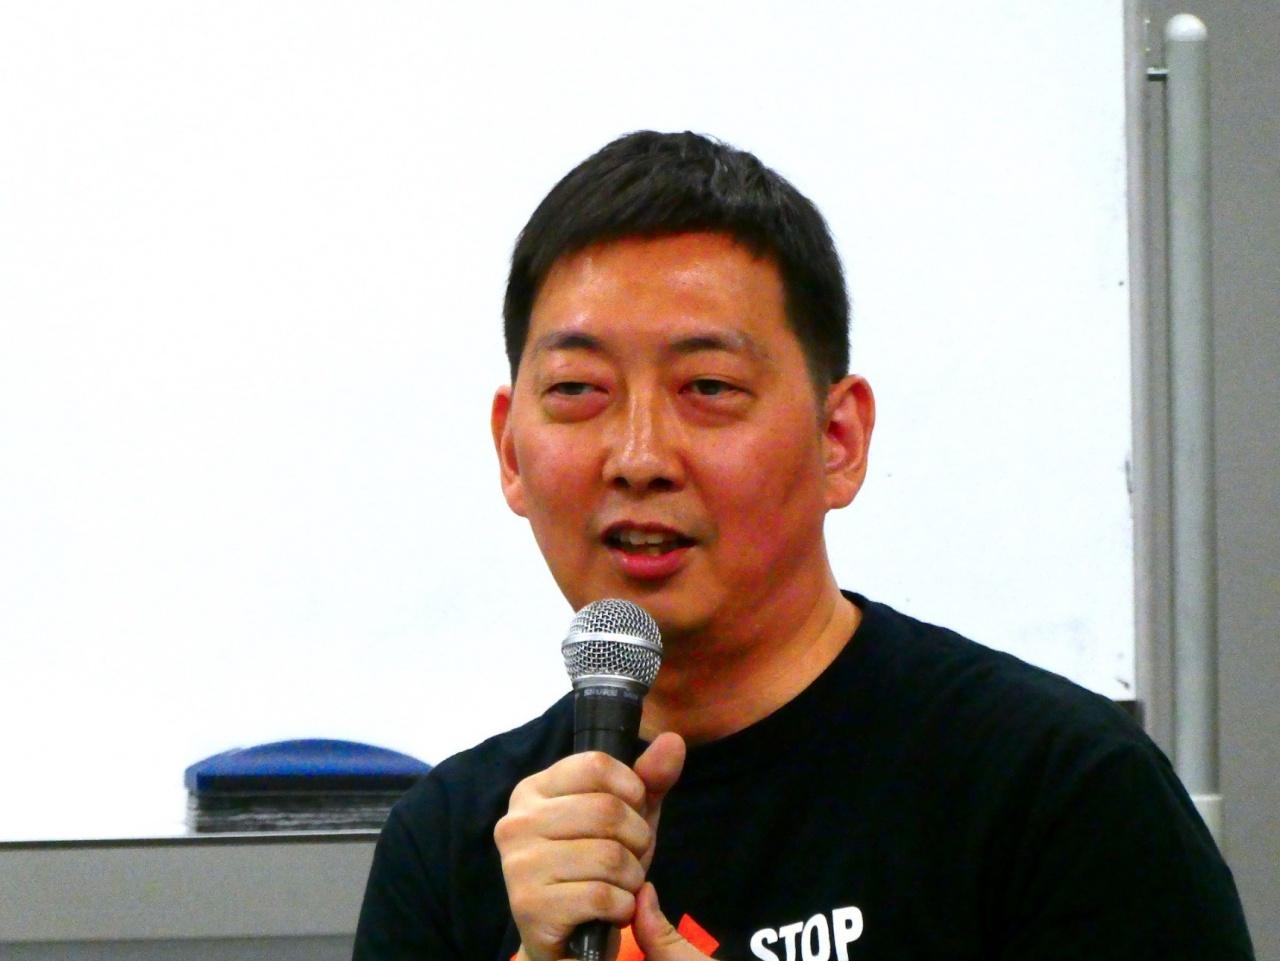 古藤吾郎氏(日本薬物政策アドボカシーネットワーク事務局長/ソーシャルワーカー)